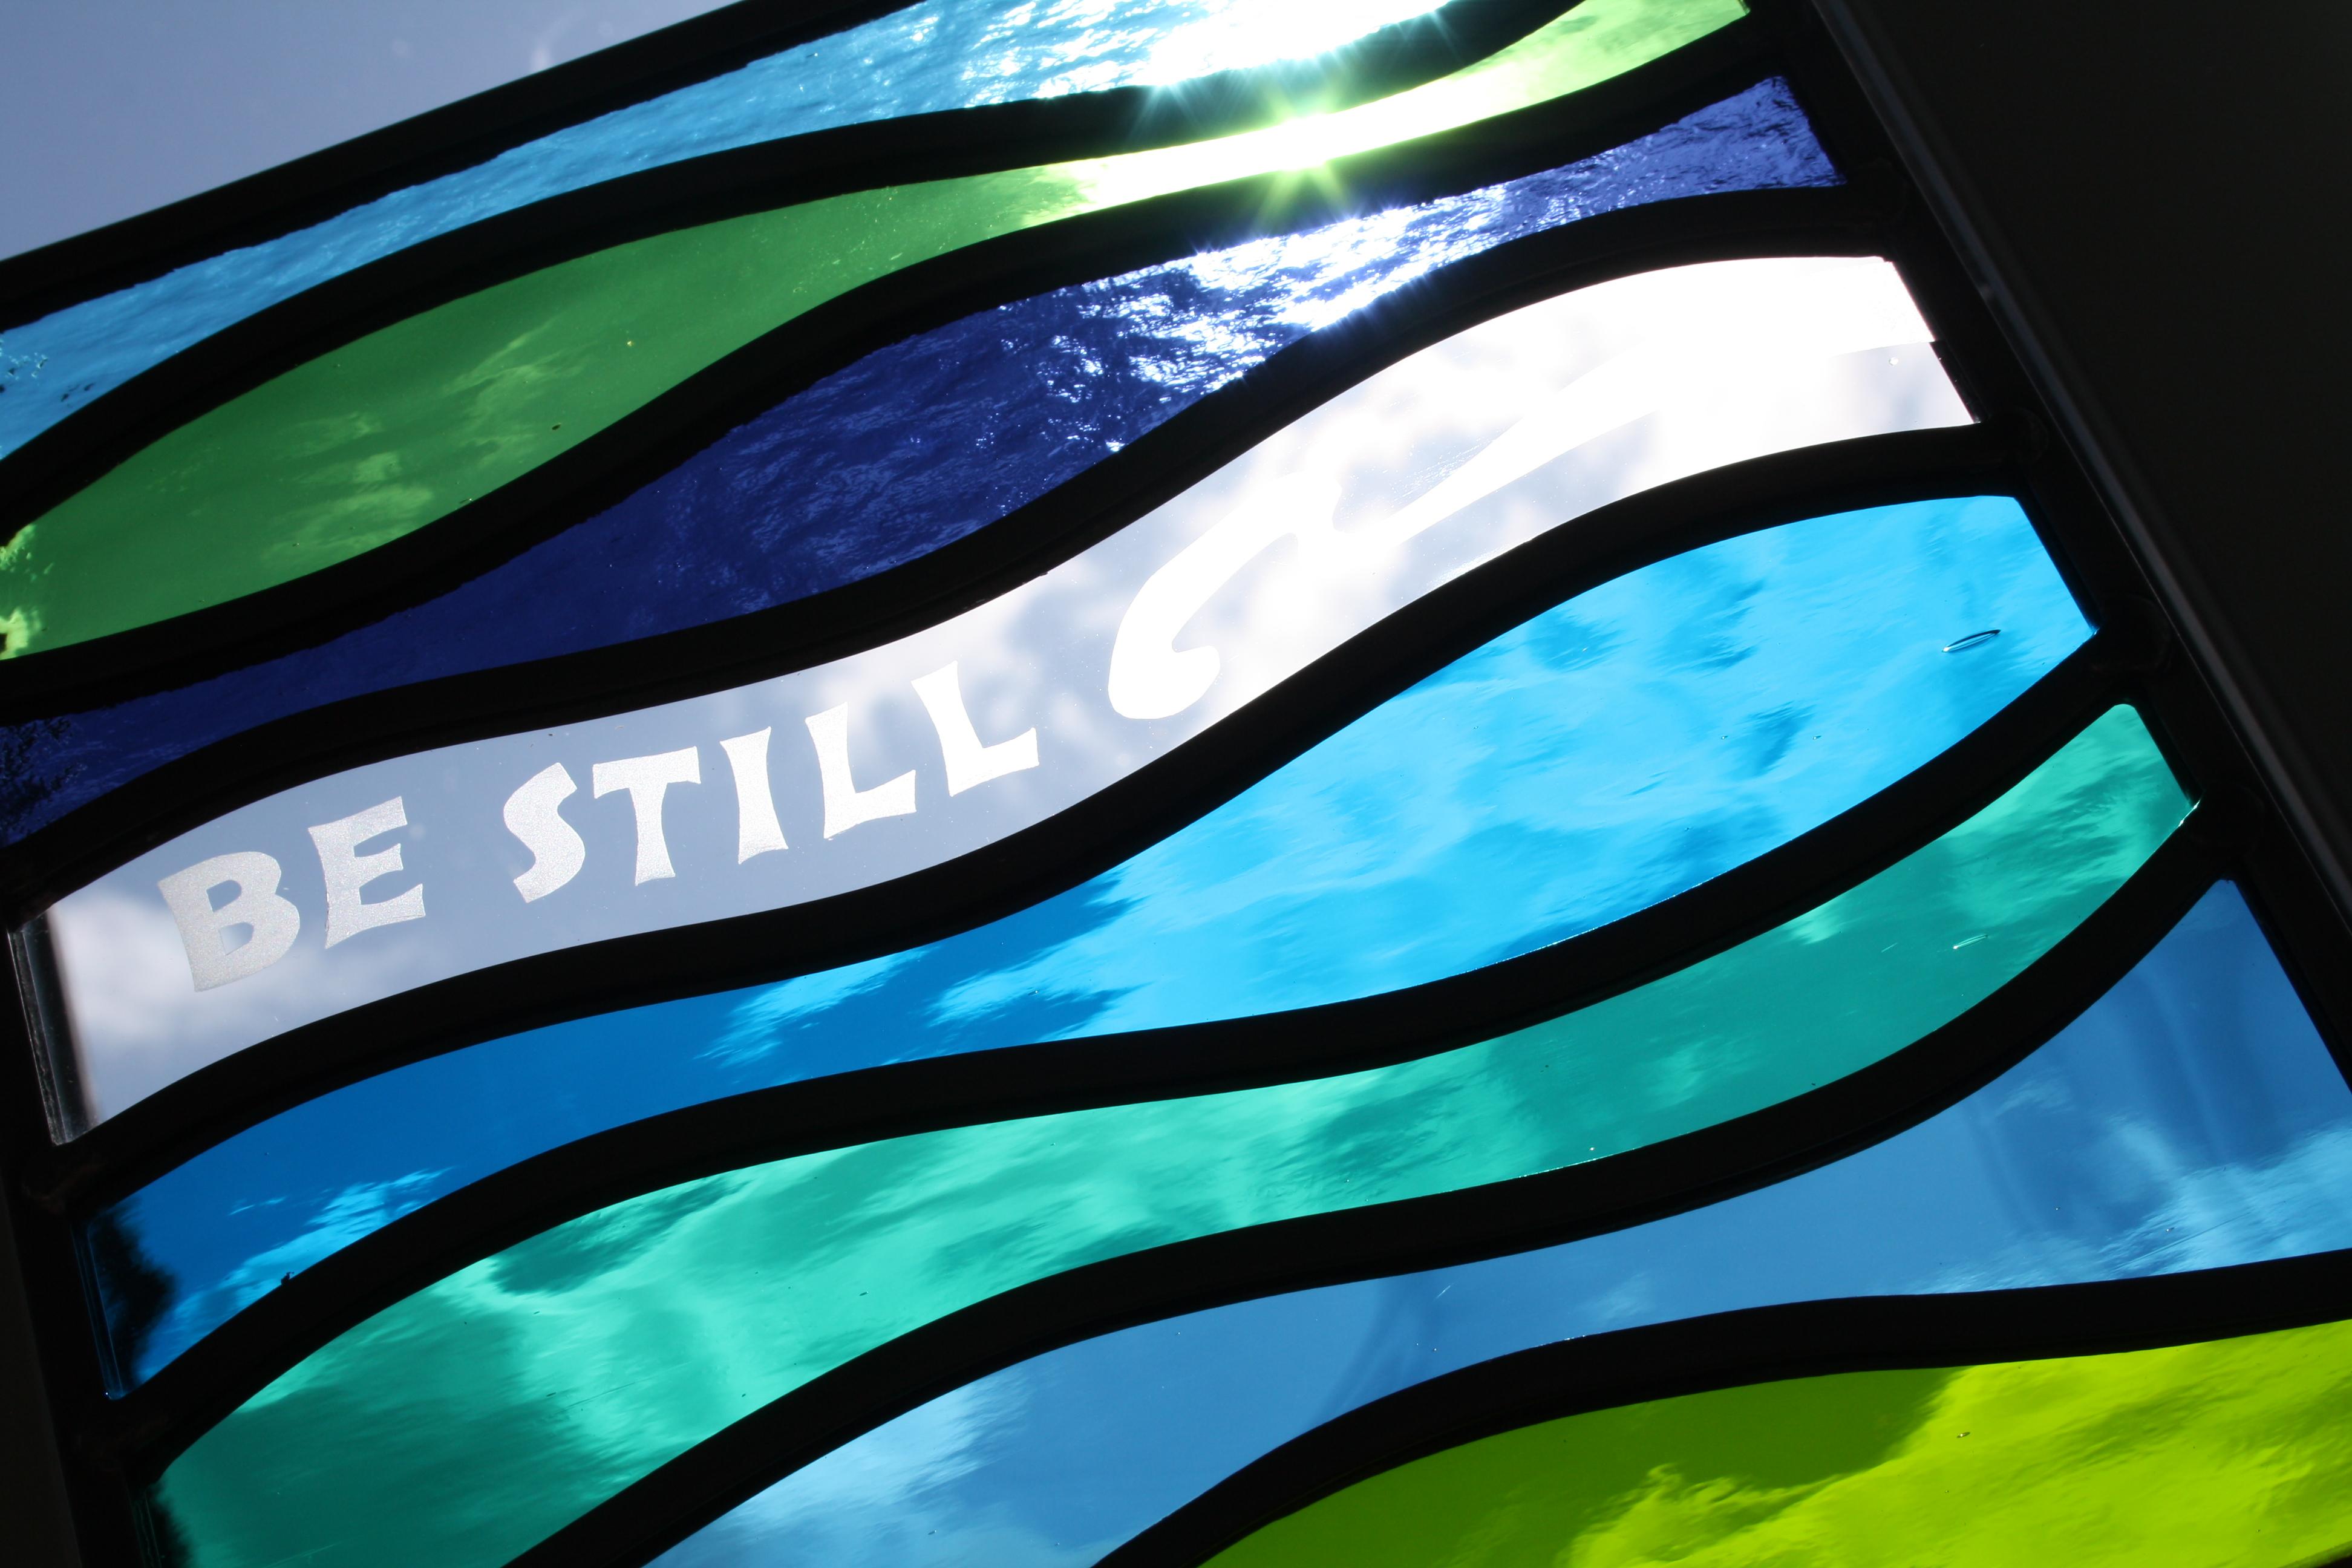 Be Still © 2017